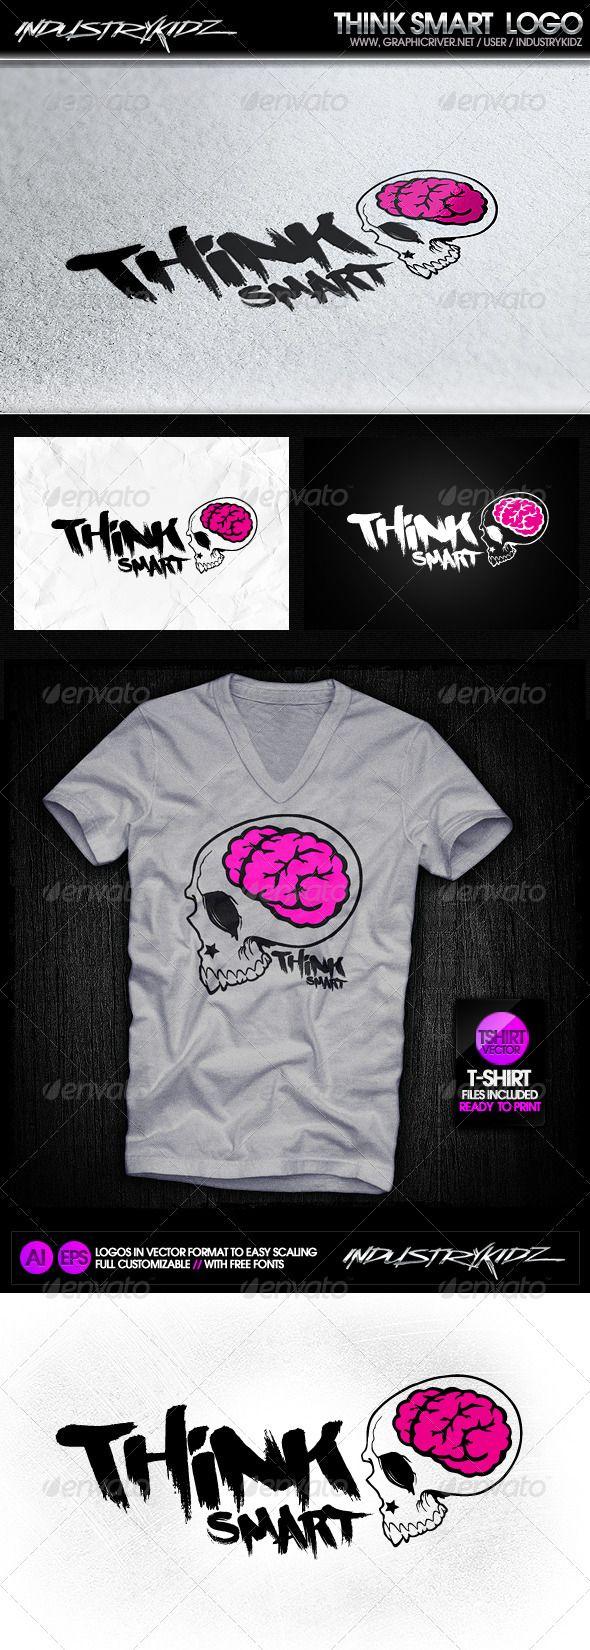 Shirt design app for pc - Geek Brain Logo Template Application Apps Art Brain Brand